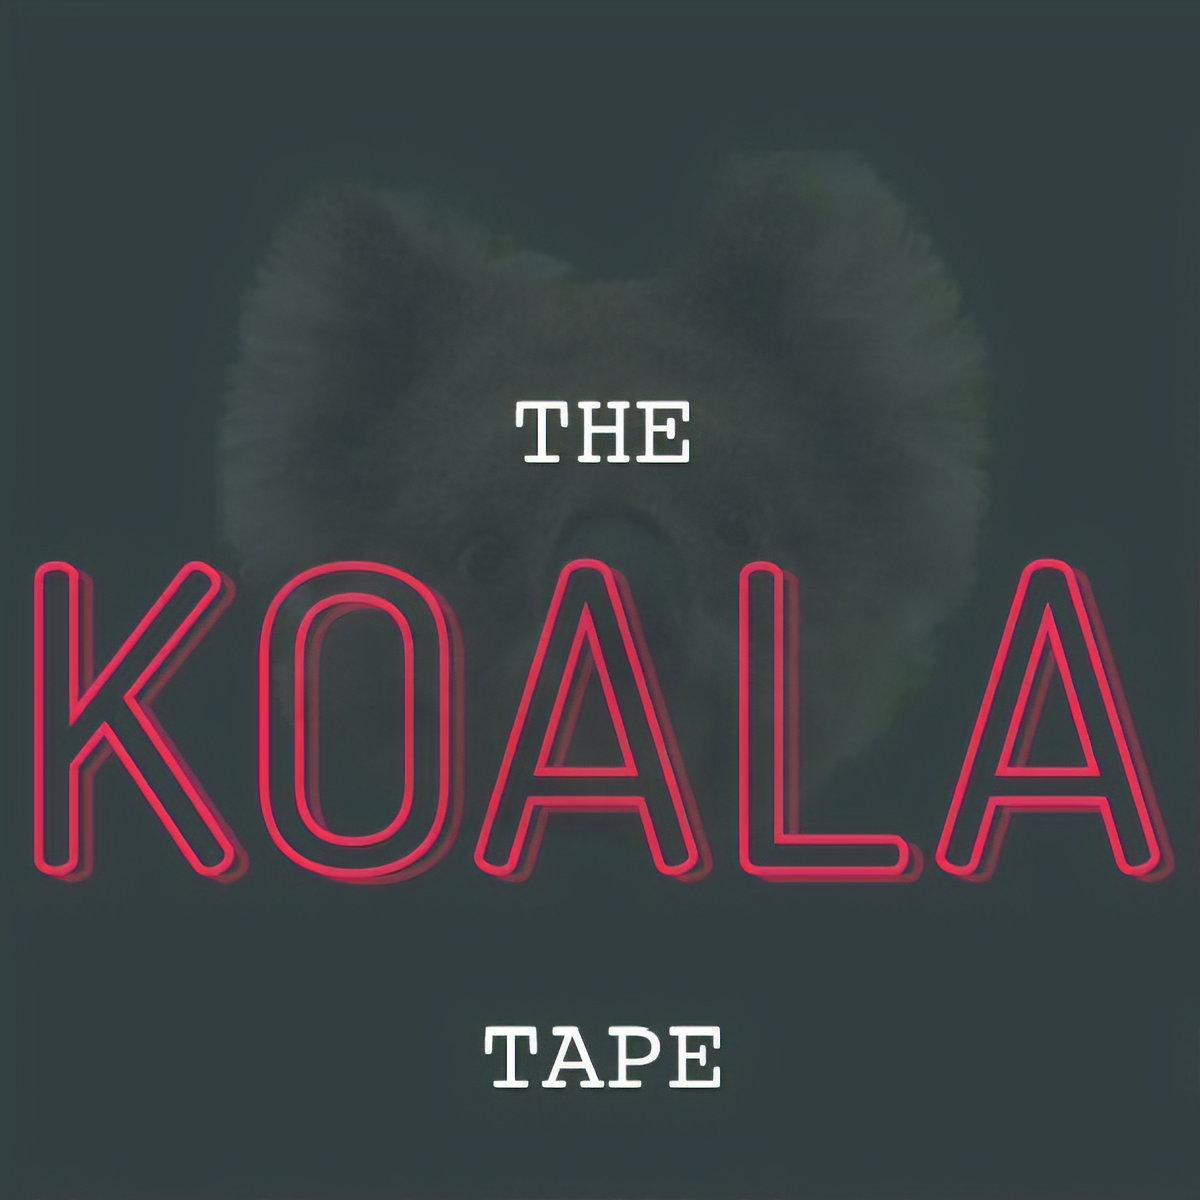 koala tape, ambrush adam